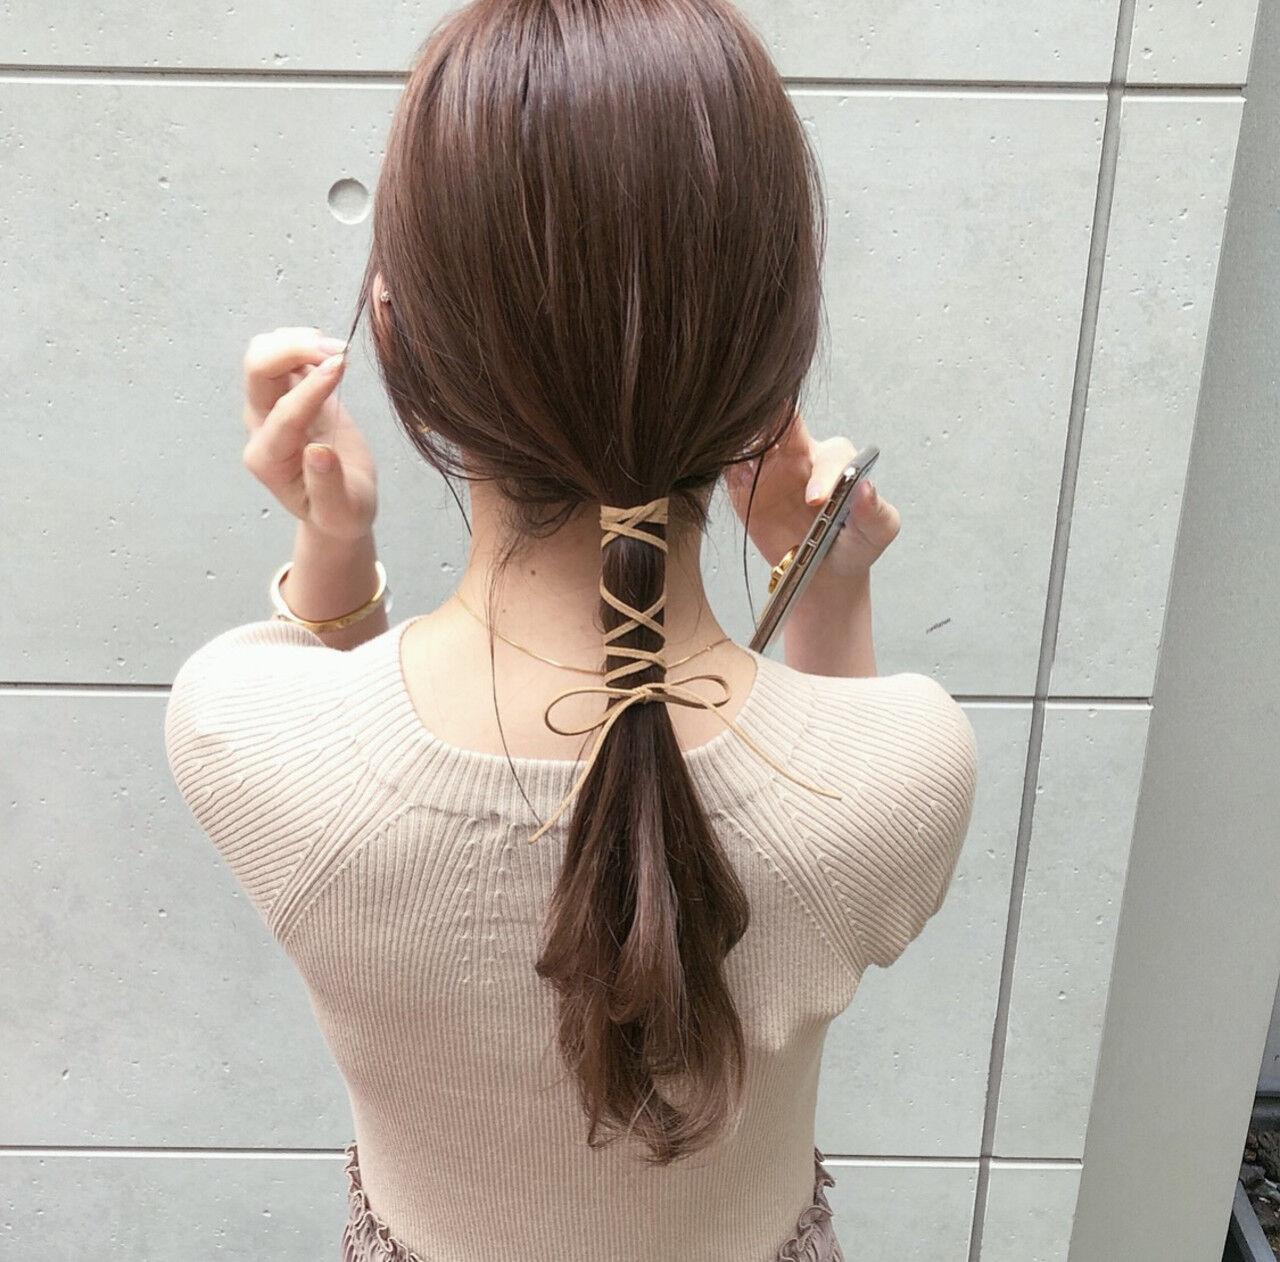 紐アレンジ ローポニー モード ポニーテールヘアスタイルや髪型の写真・画像